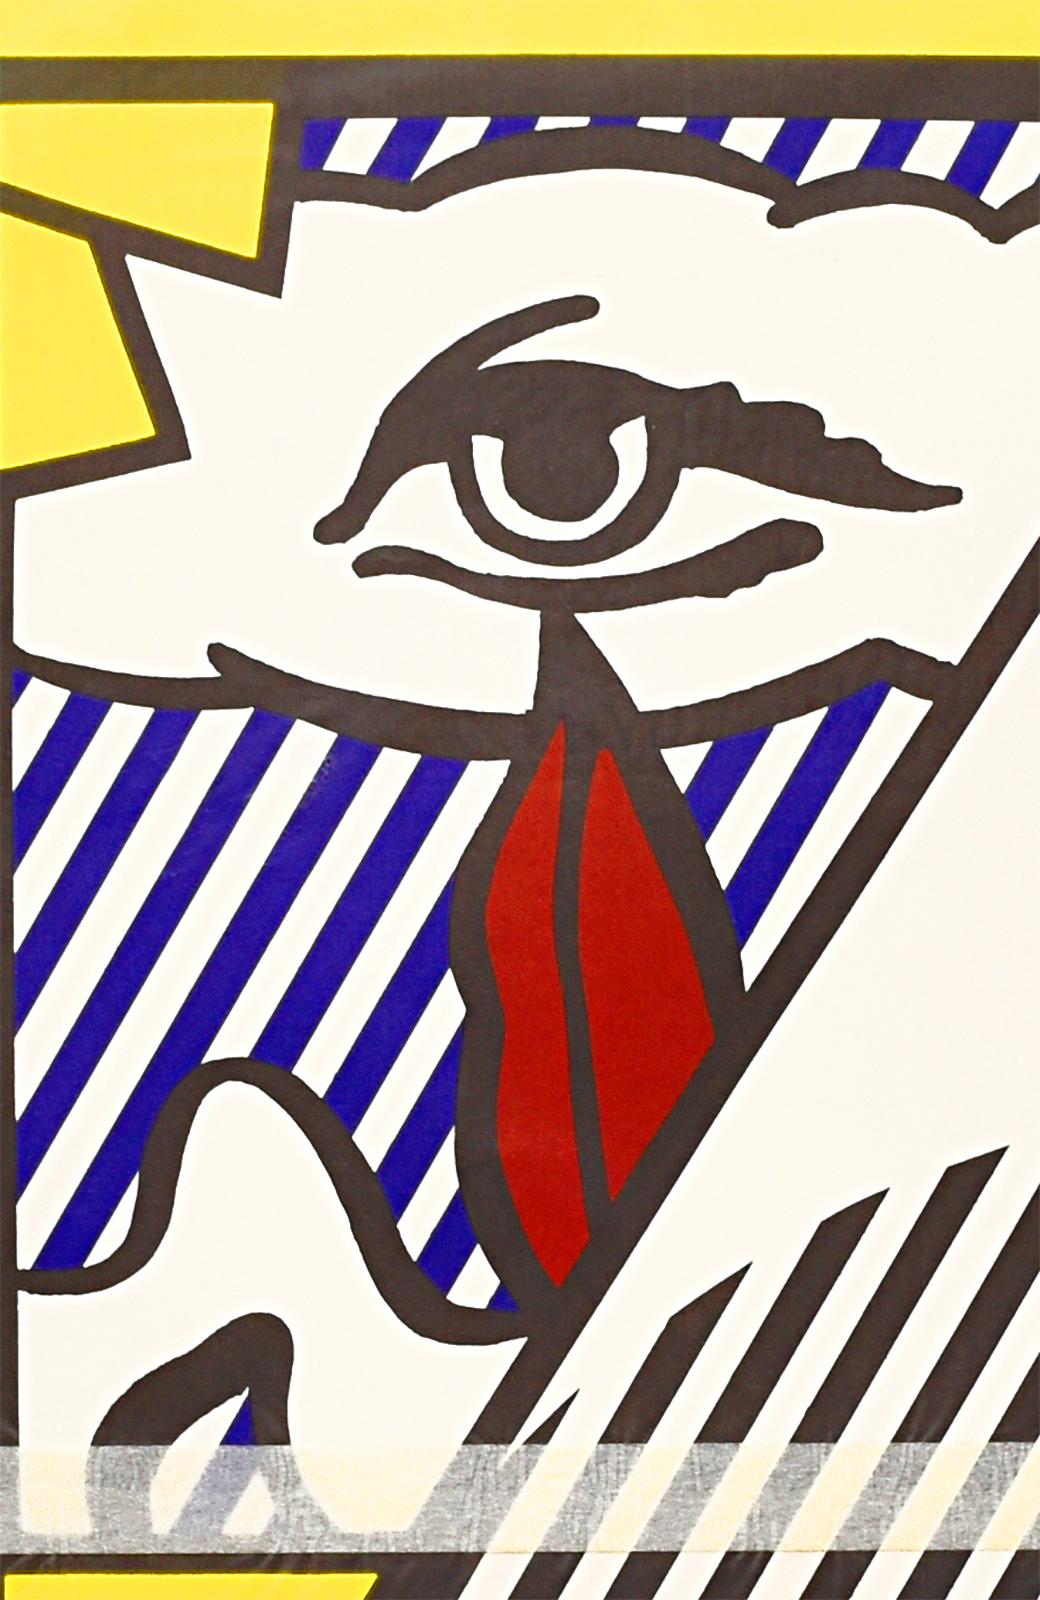 haco! 【アート】ロイ・リキテンスタイン 「Art About Art」 <その他>の商品写真3